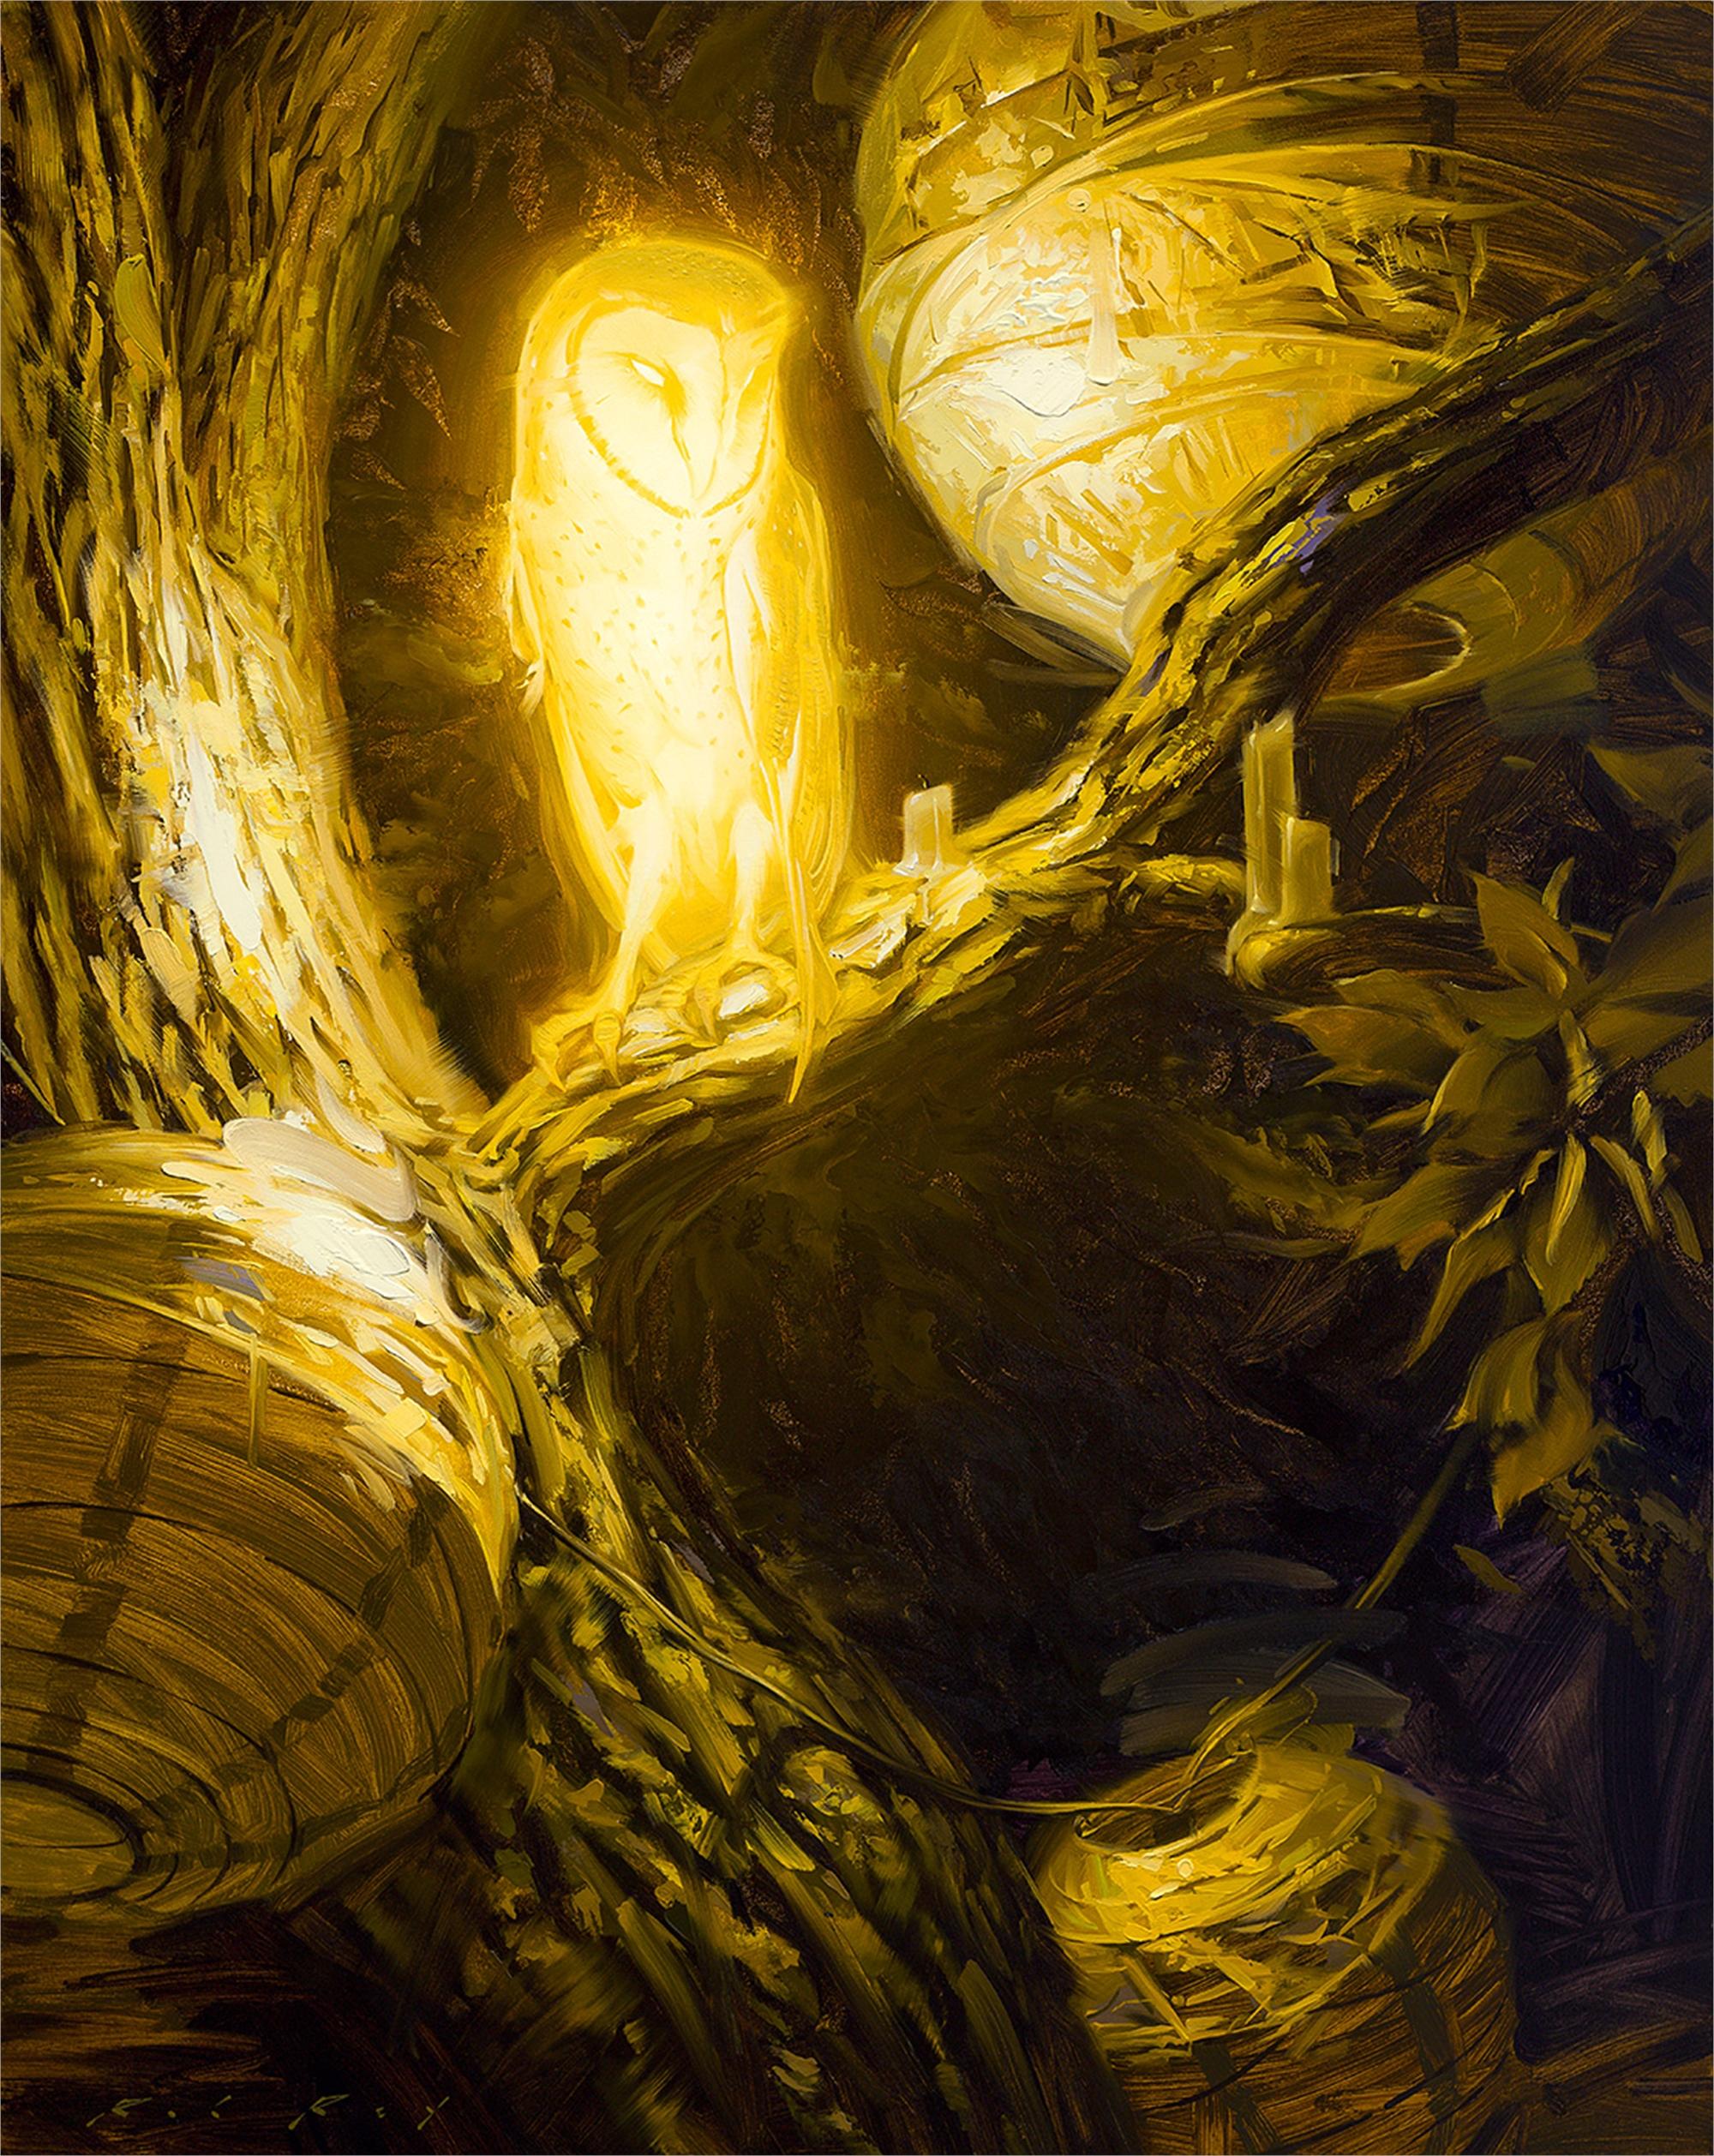 Bioluminescence IX by Rob Rey